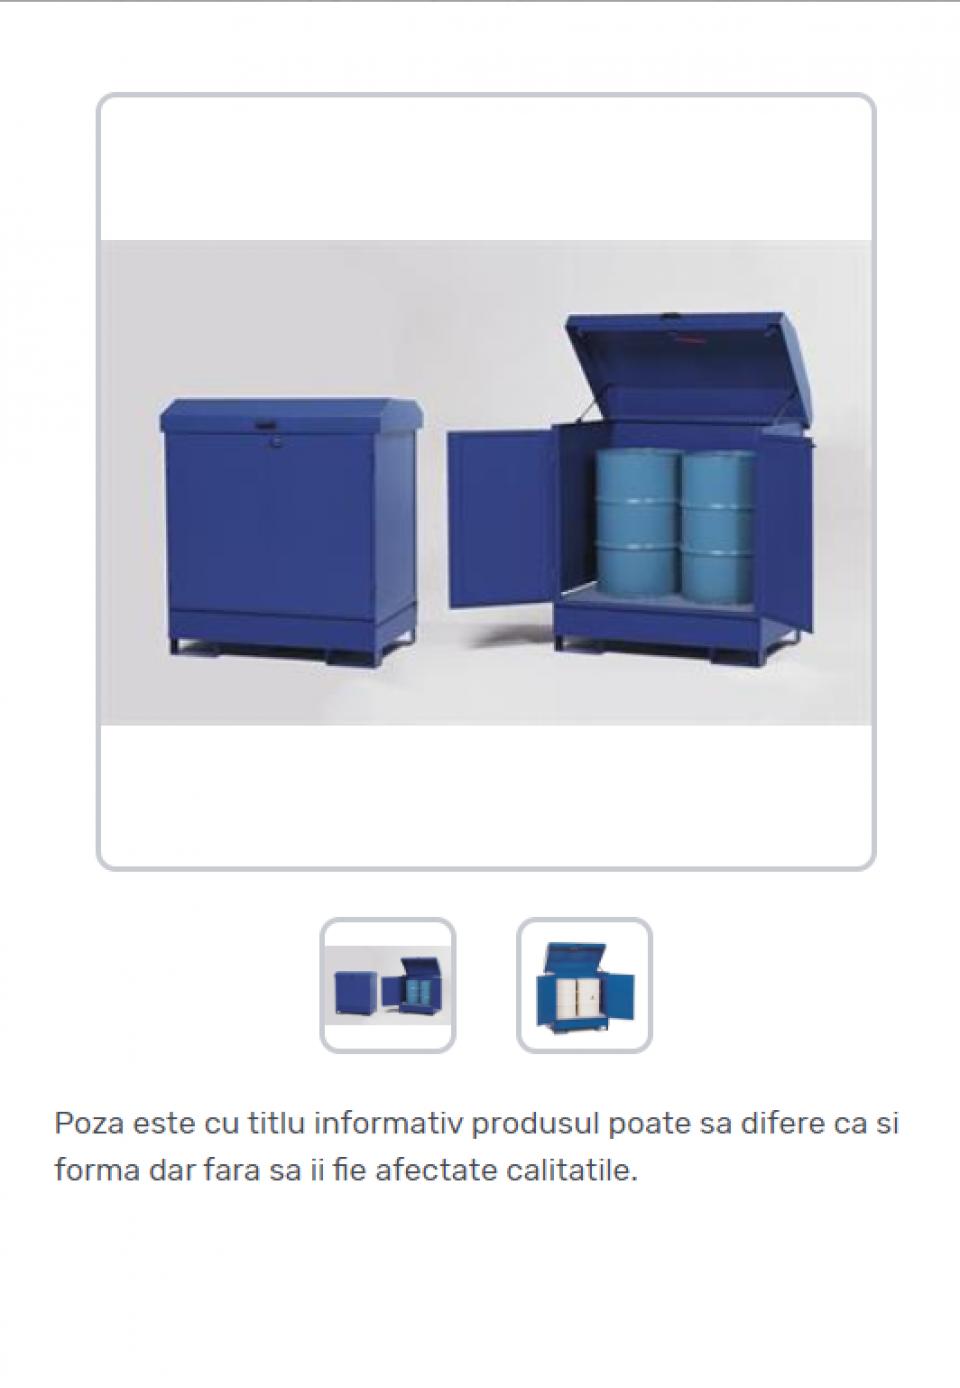 Container securizat pentru depozitare butoaie42220